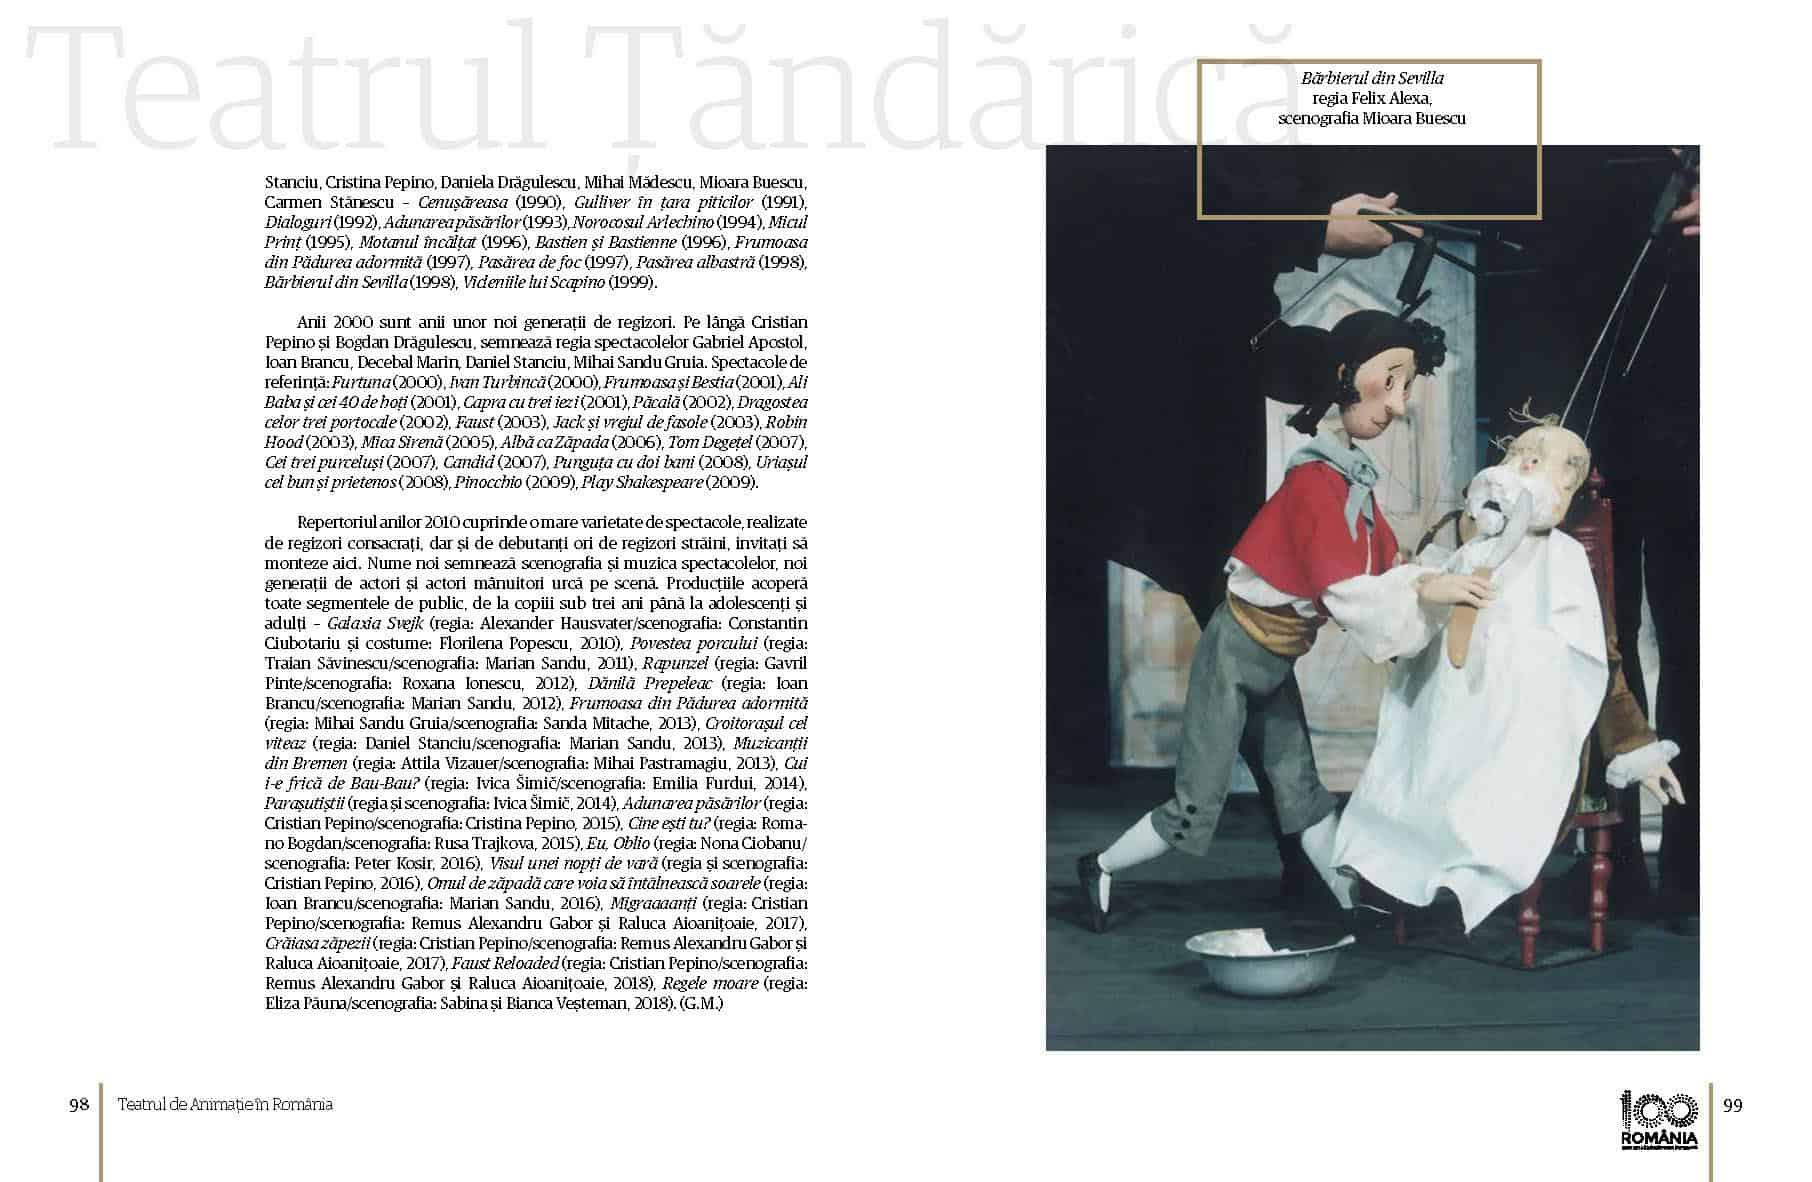 Album Teatrul de Animatie in Romania final preview fata in fata Page 50